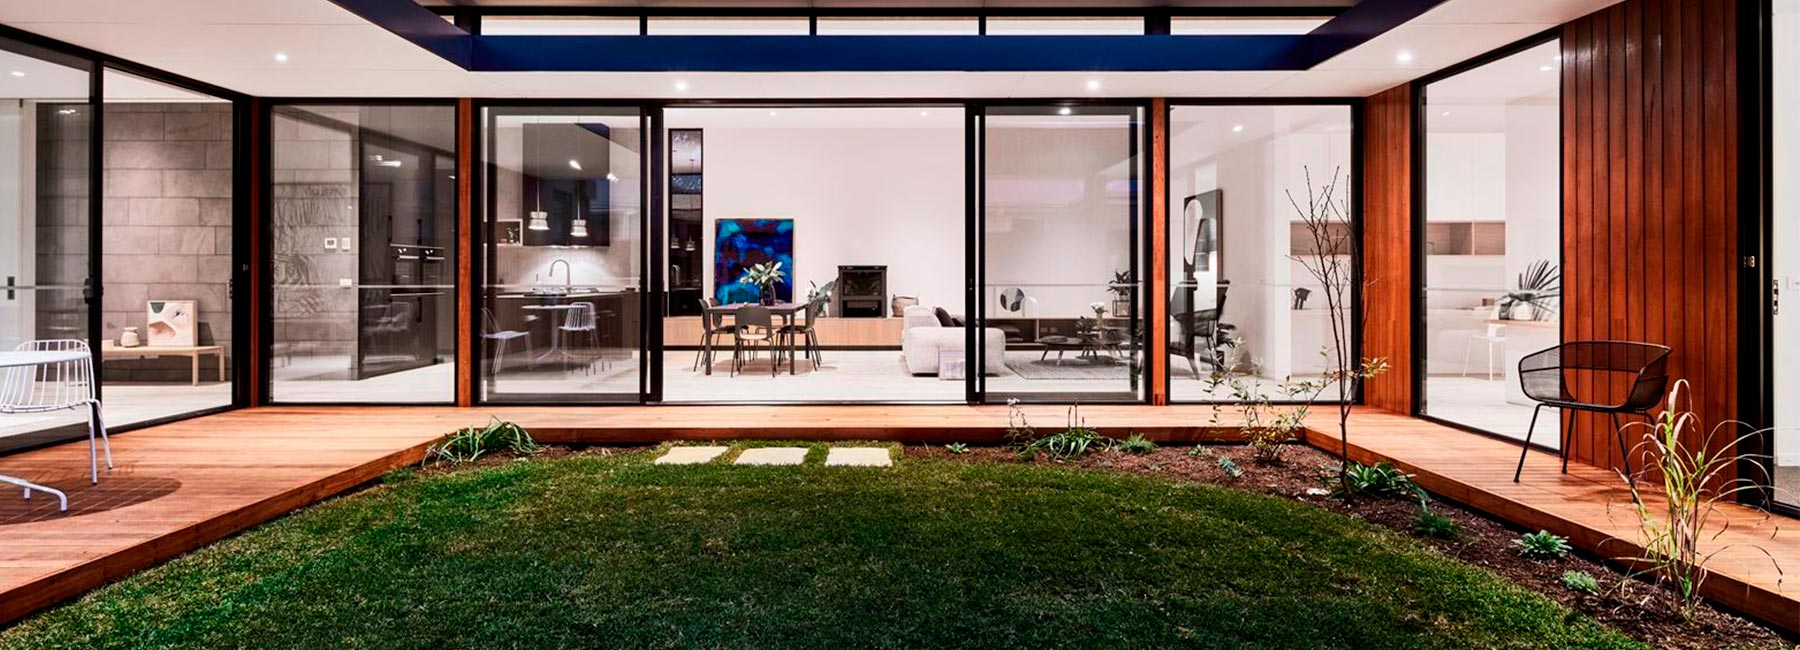 Дом с внутренним двориком в Австралии